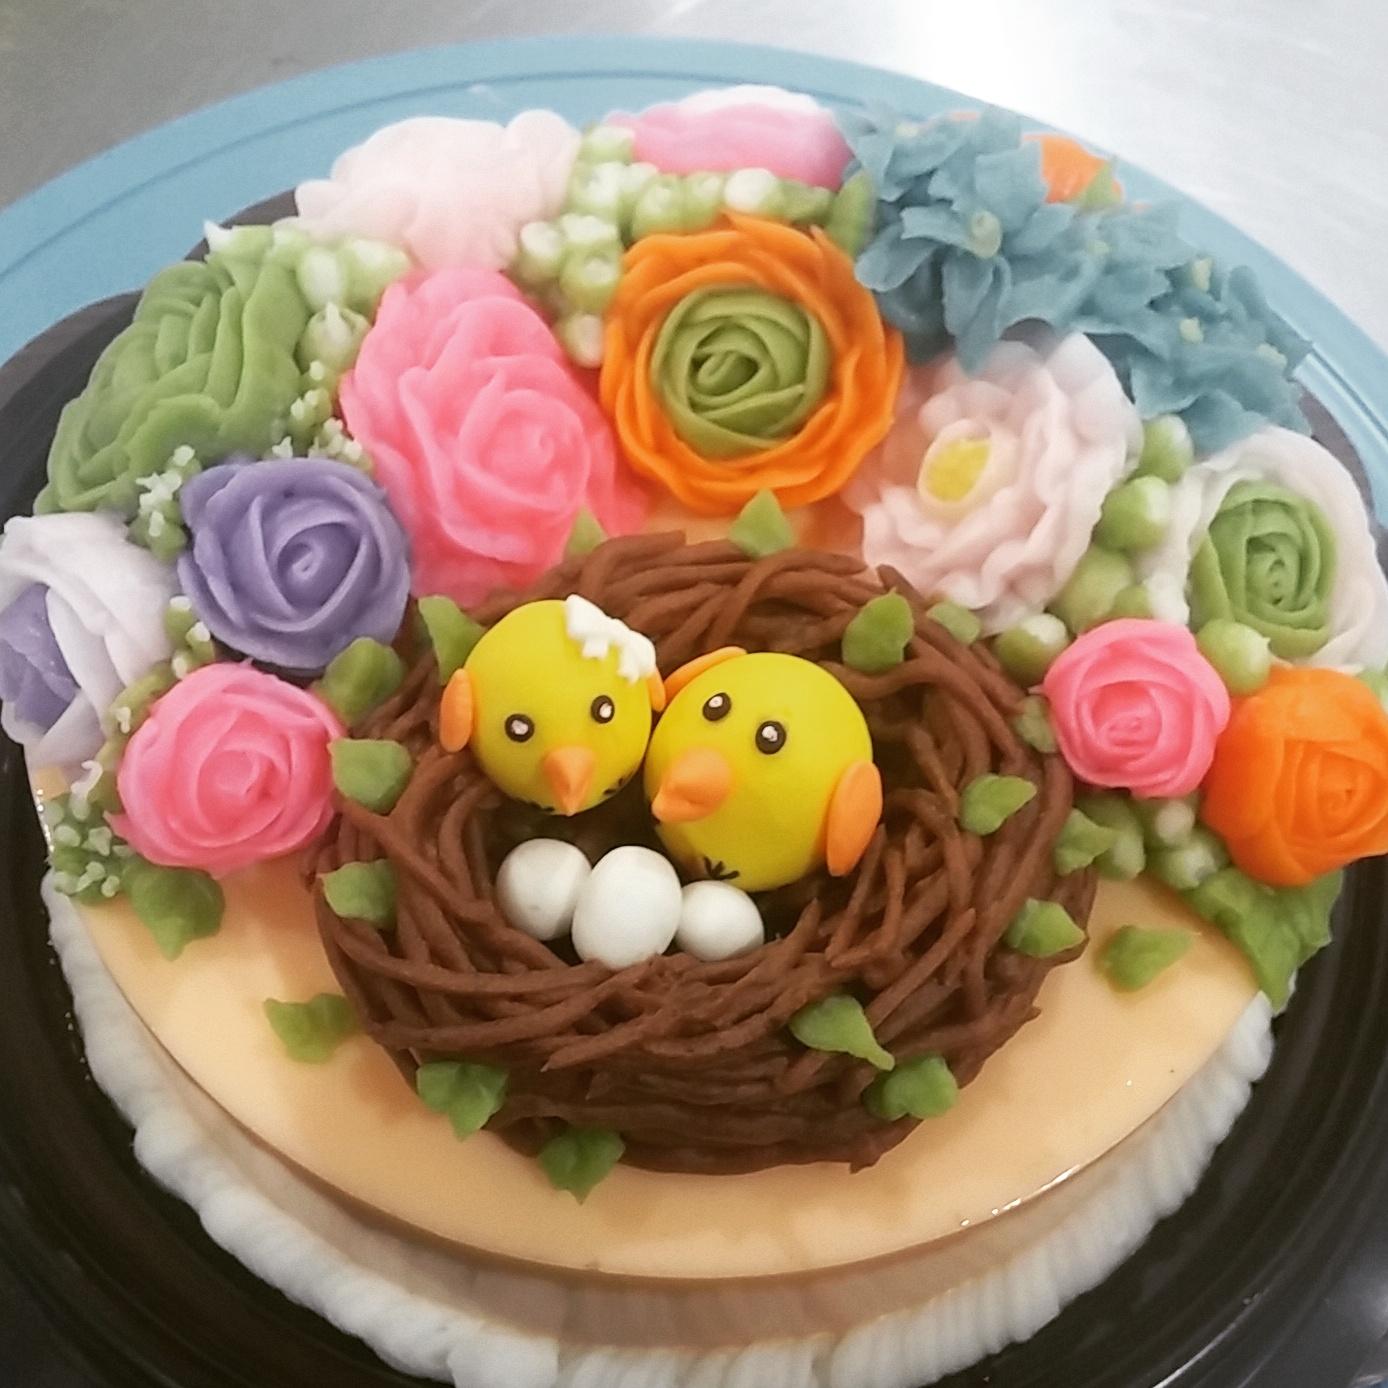 Kem bánh sinh nhật làm bằng gì?-456 kem bánh sinh nhật làm bằng gì Kem bánh sinh nhật làm bằng gì? kem banh sinh nhat lam bang gi 8